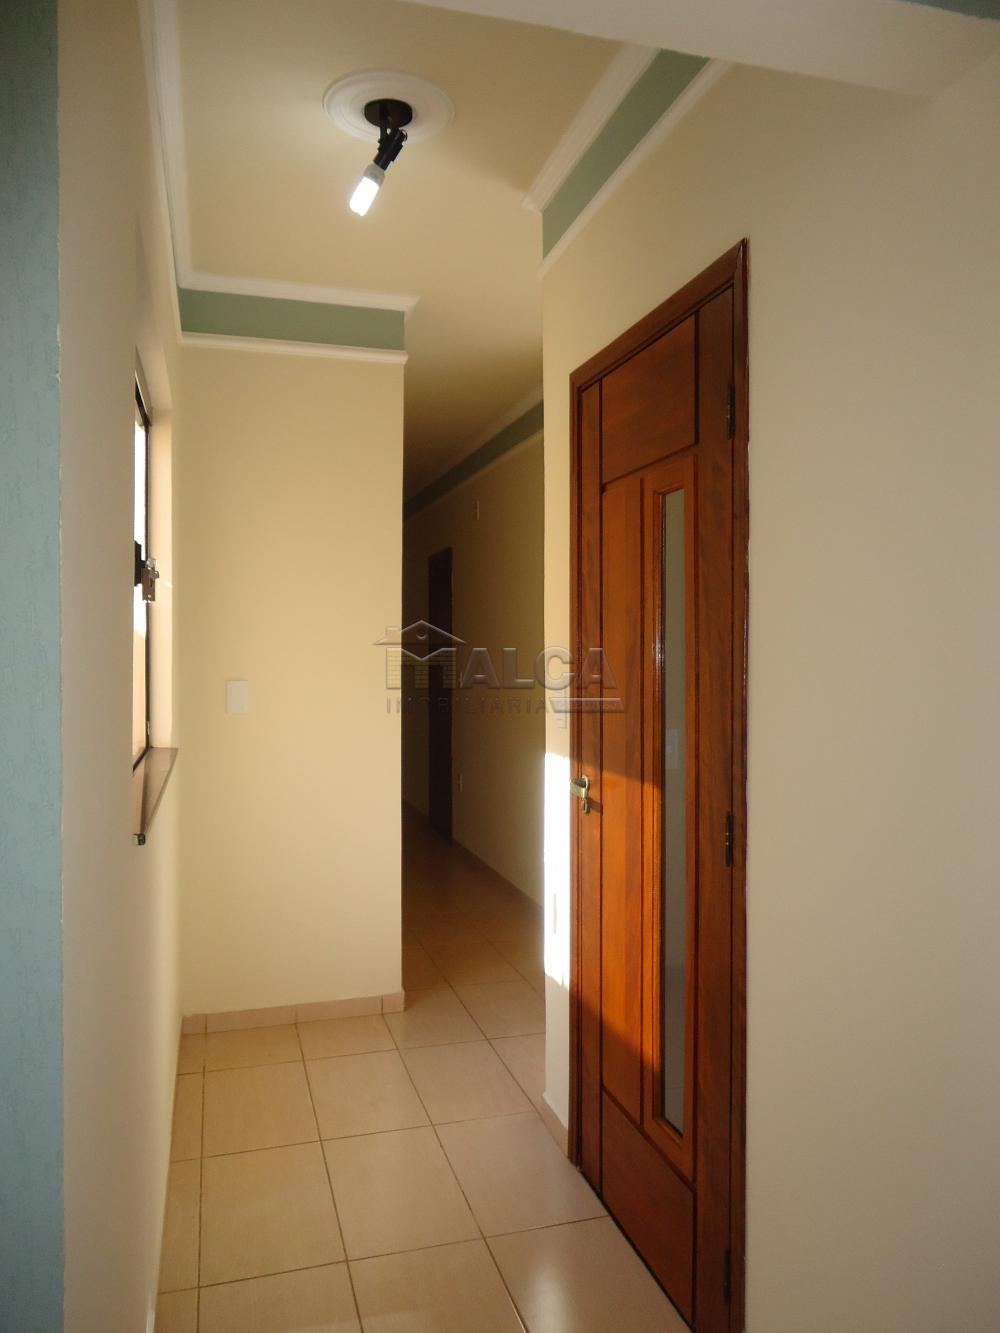 Alugar Casas / Padrão em São José do Rio Pardo R$ 1.500,00 - Foto 13